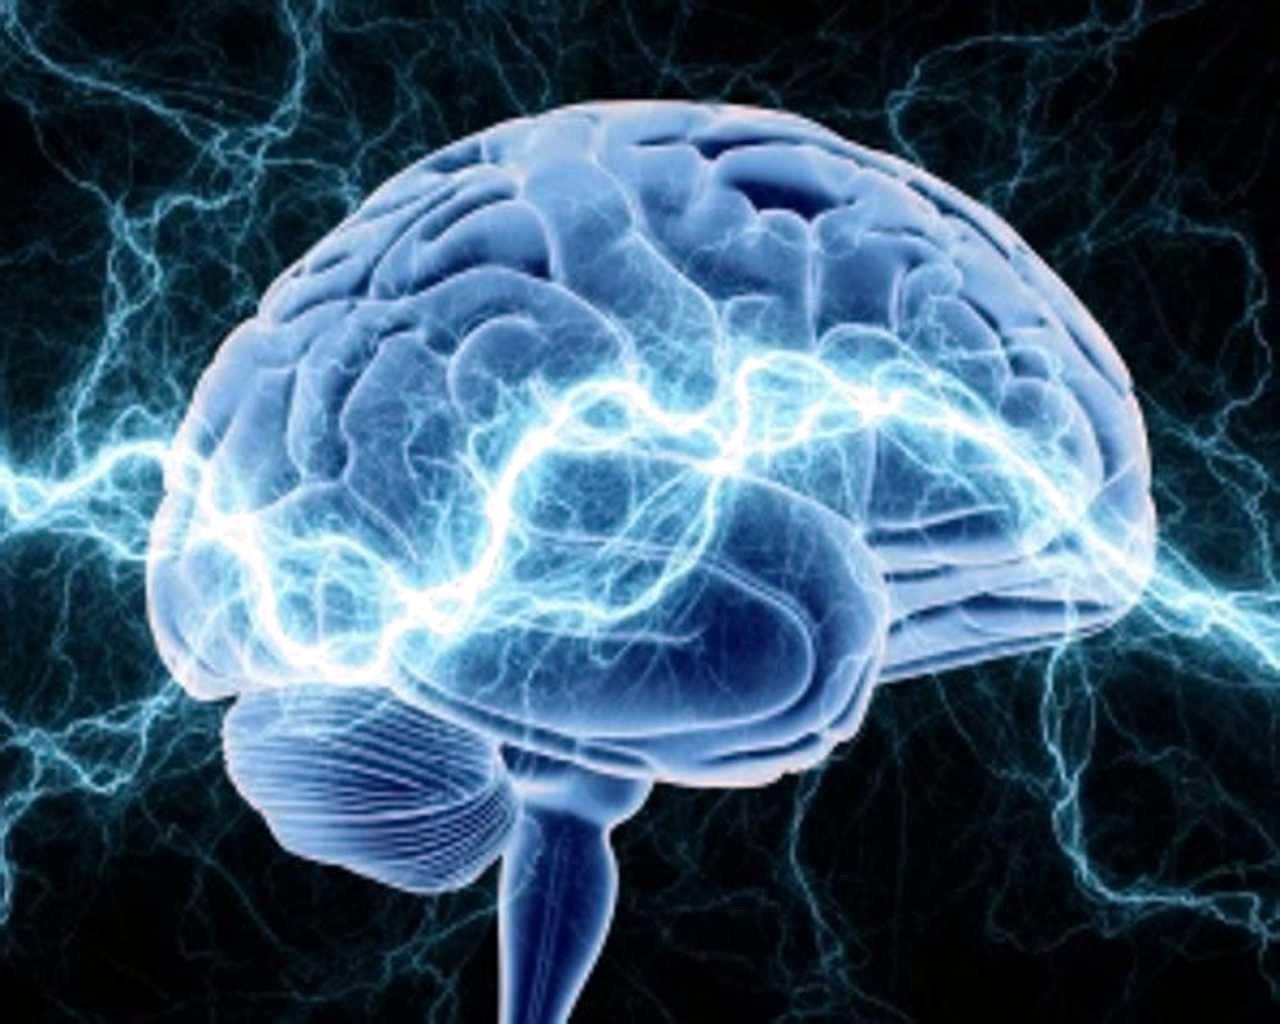 L'attività elettrica dei neuroni emerge e varia nel tempo